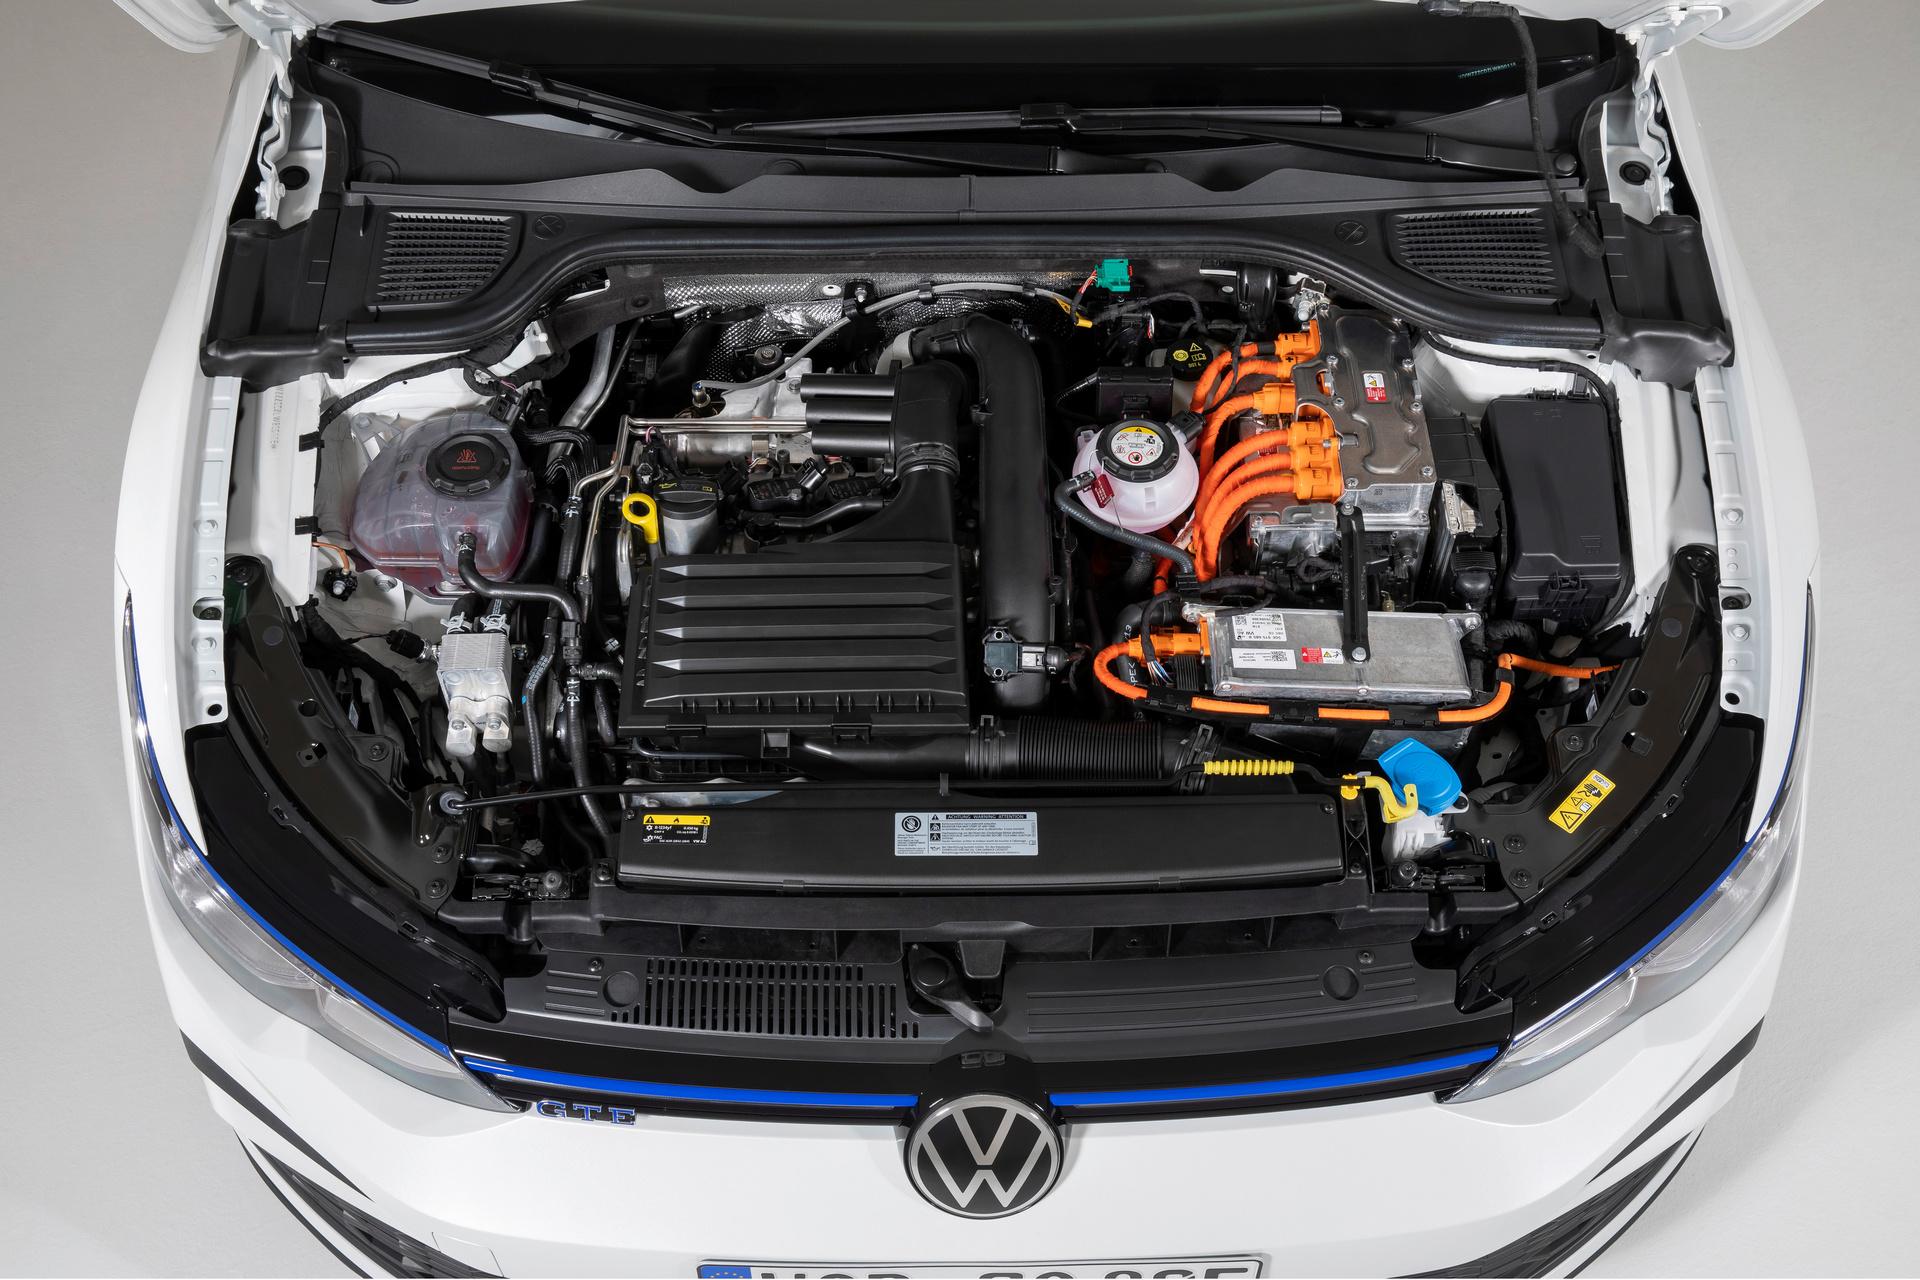 VW Golf eHybrid - VW Golf GTE